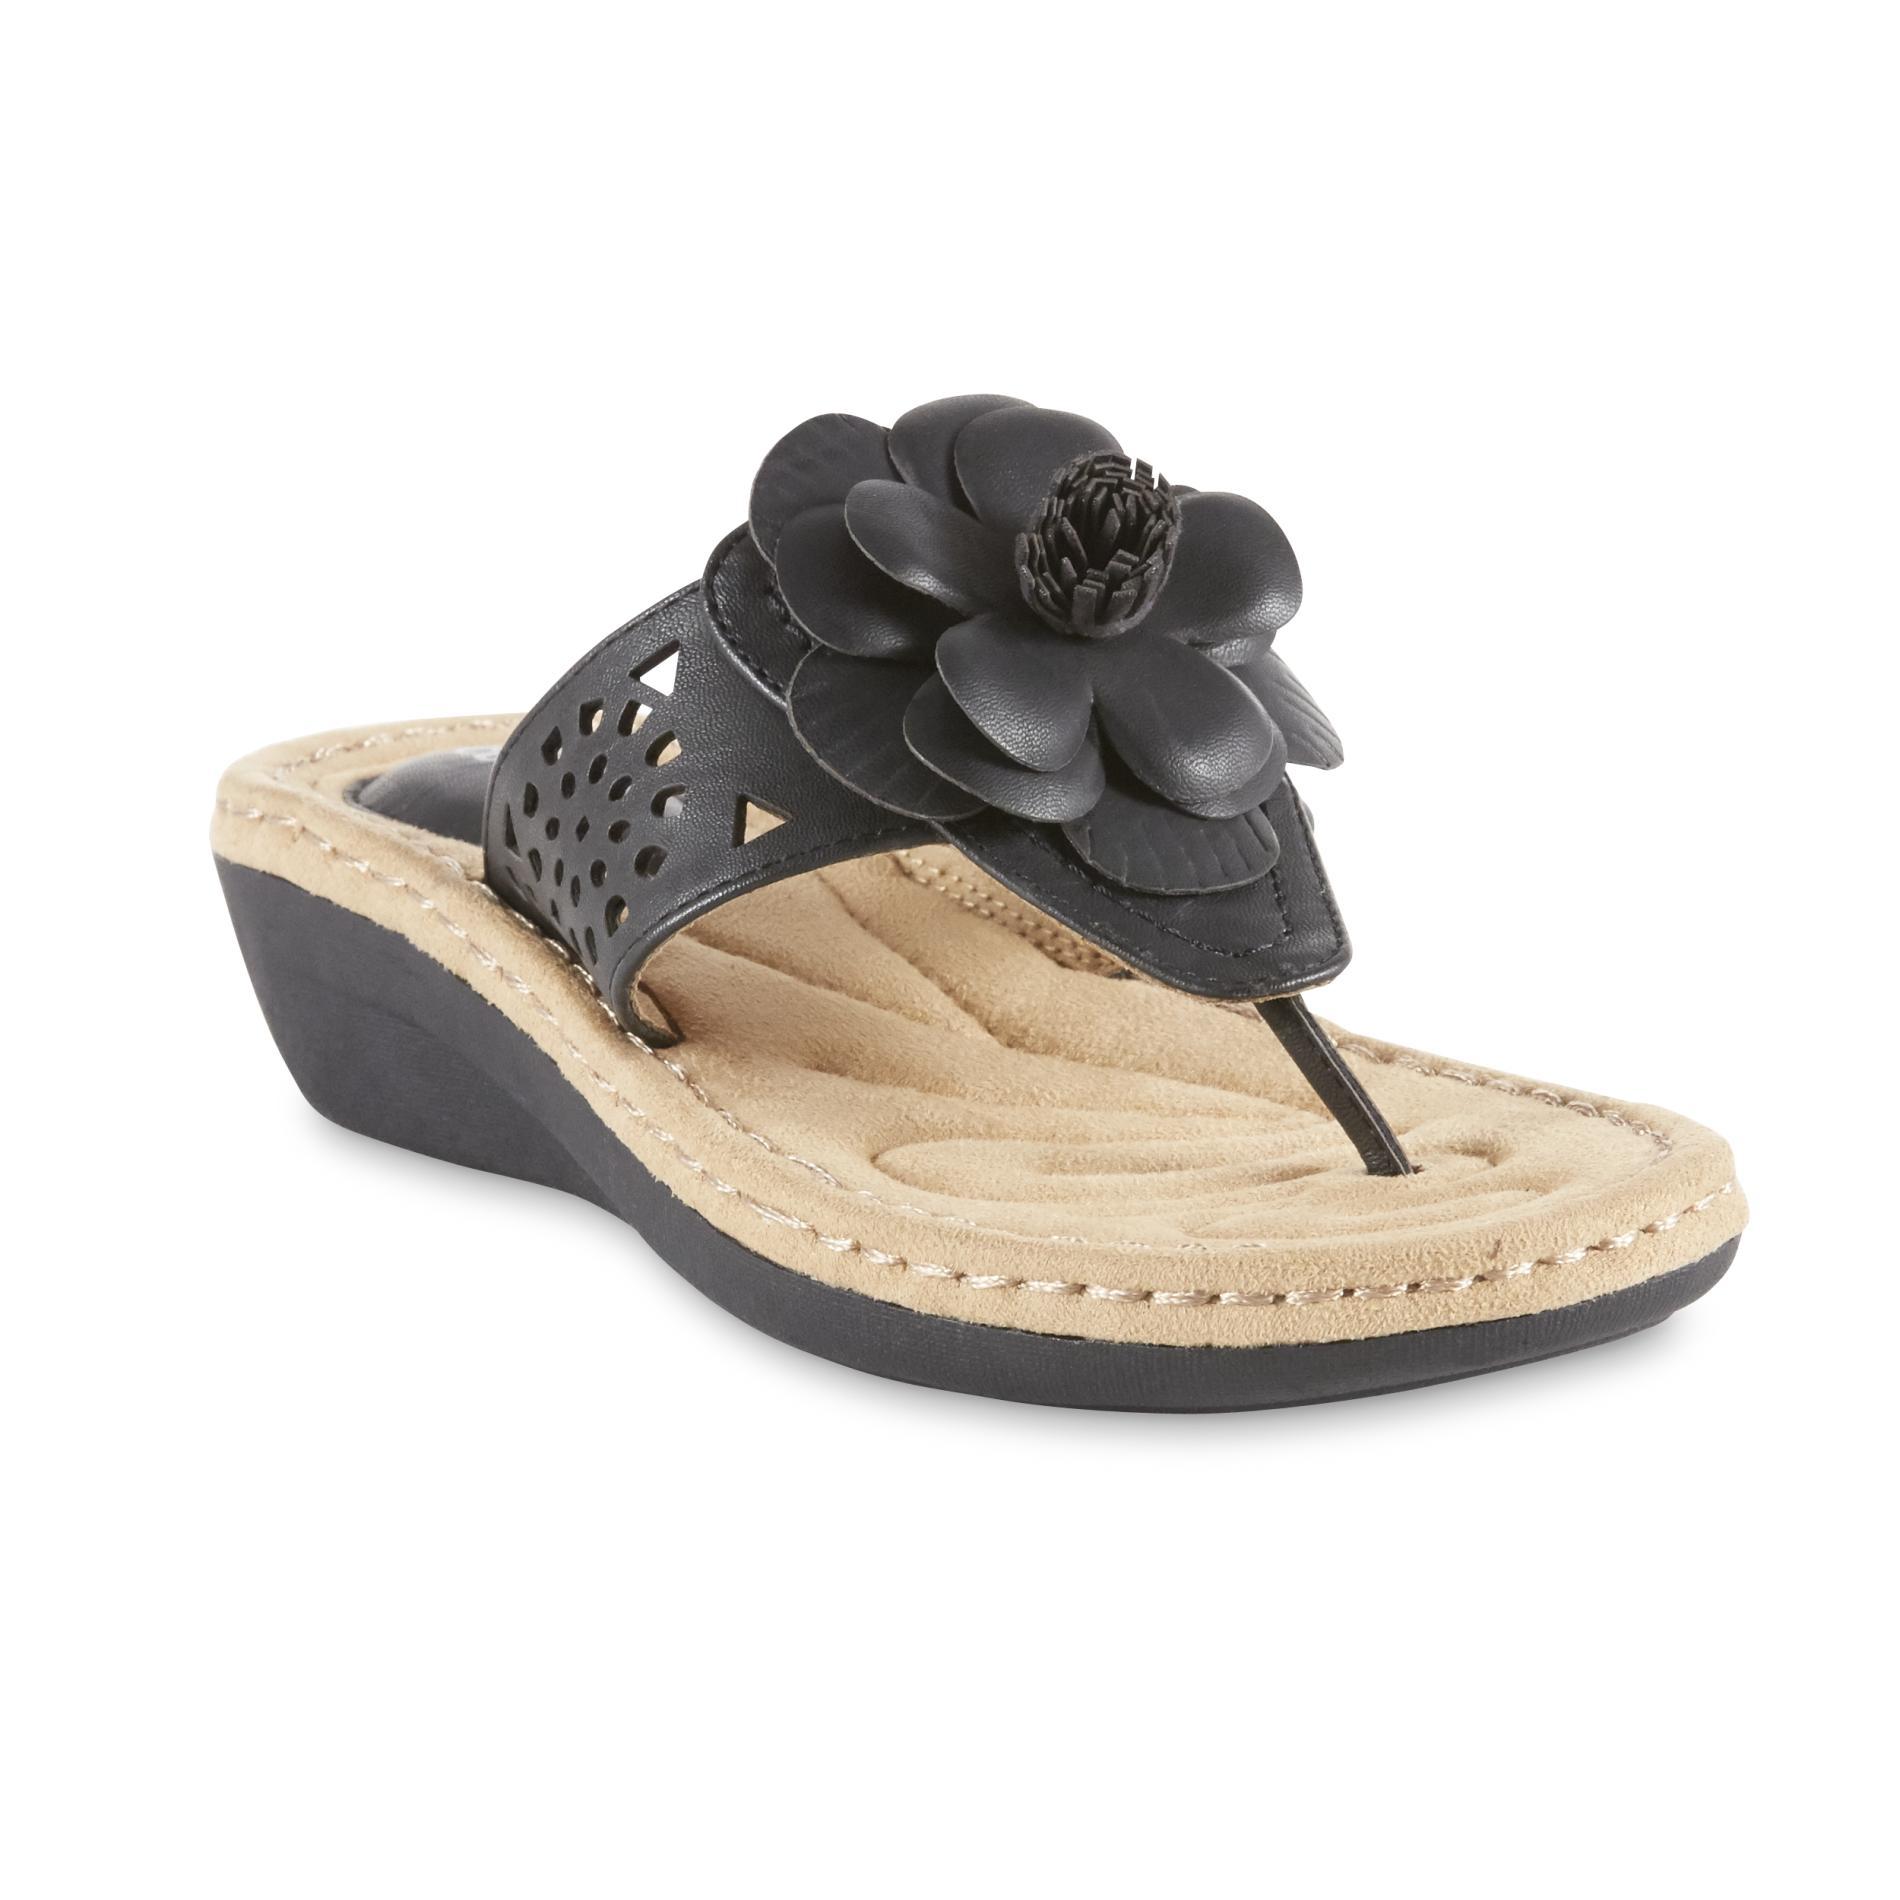 Cobbie Cuddlers Women S Talullah Wedge Thong Sandal Black